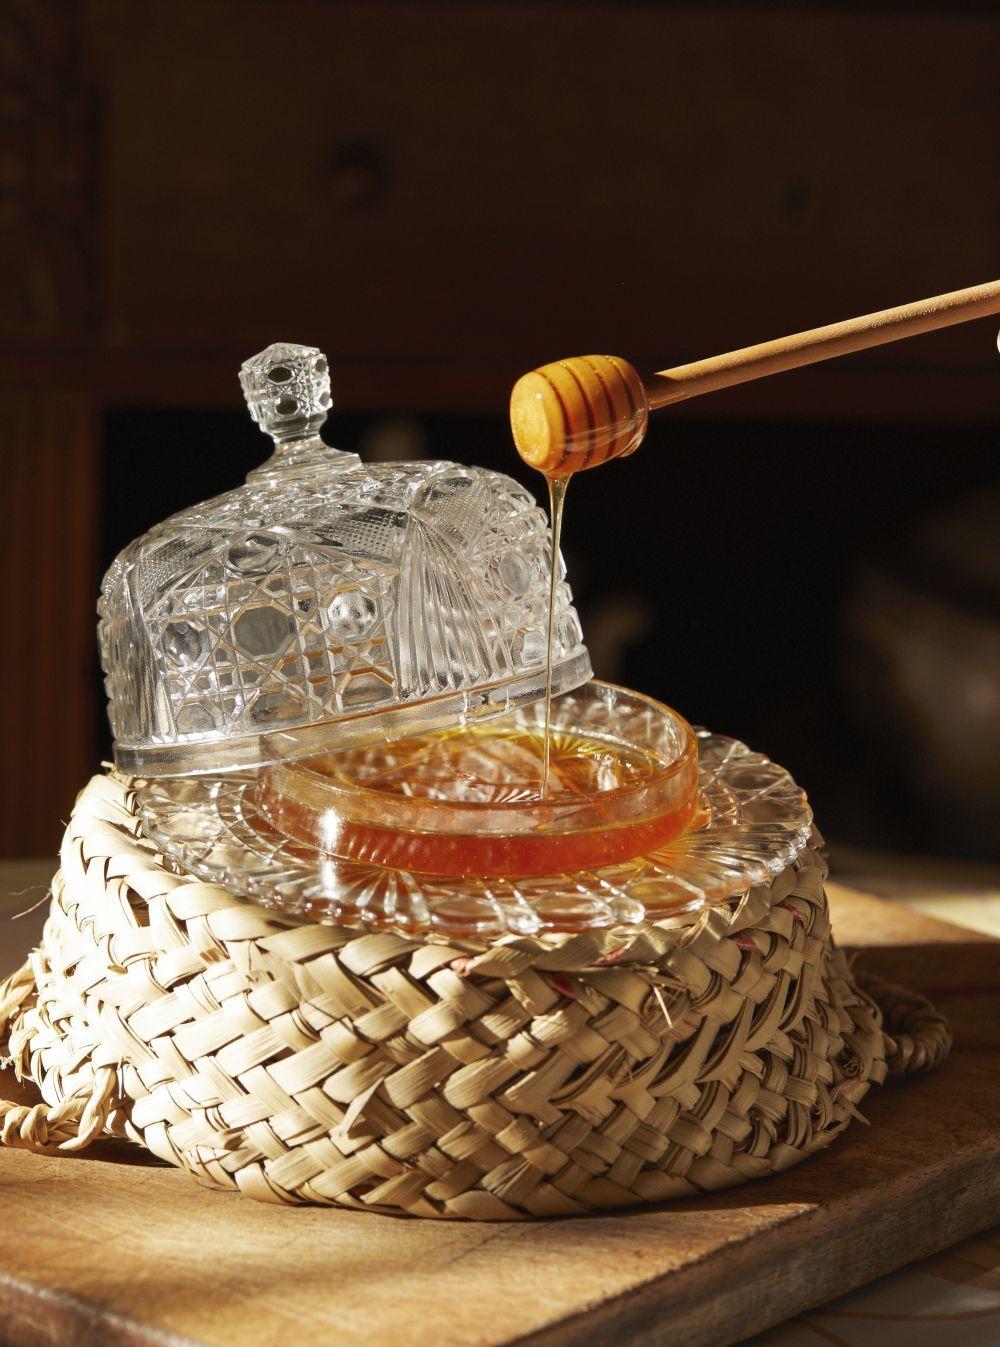 La miel de romero es otro genial ingrediente para aclarar e hidratar el pelo.